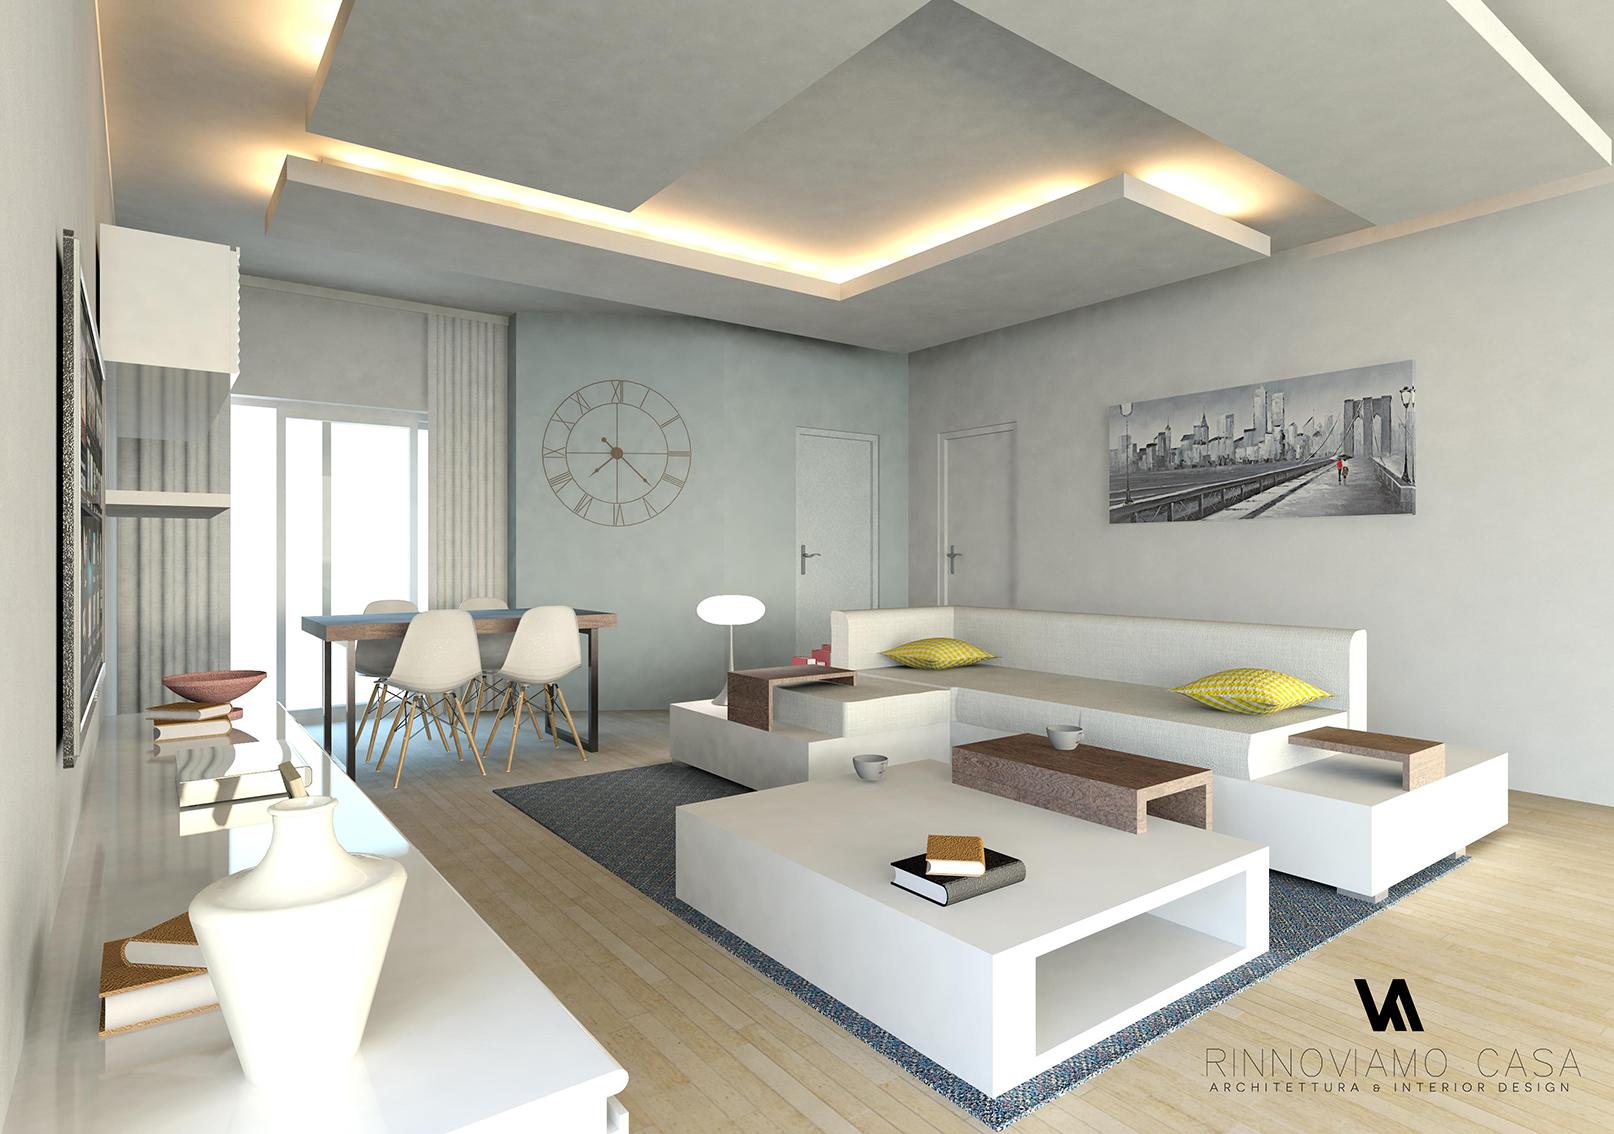 Progetti rinnoviamo casa consulenza architettonica e for Progettazione 3d gratis